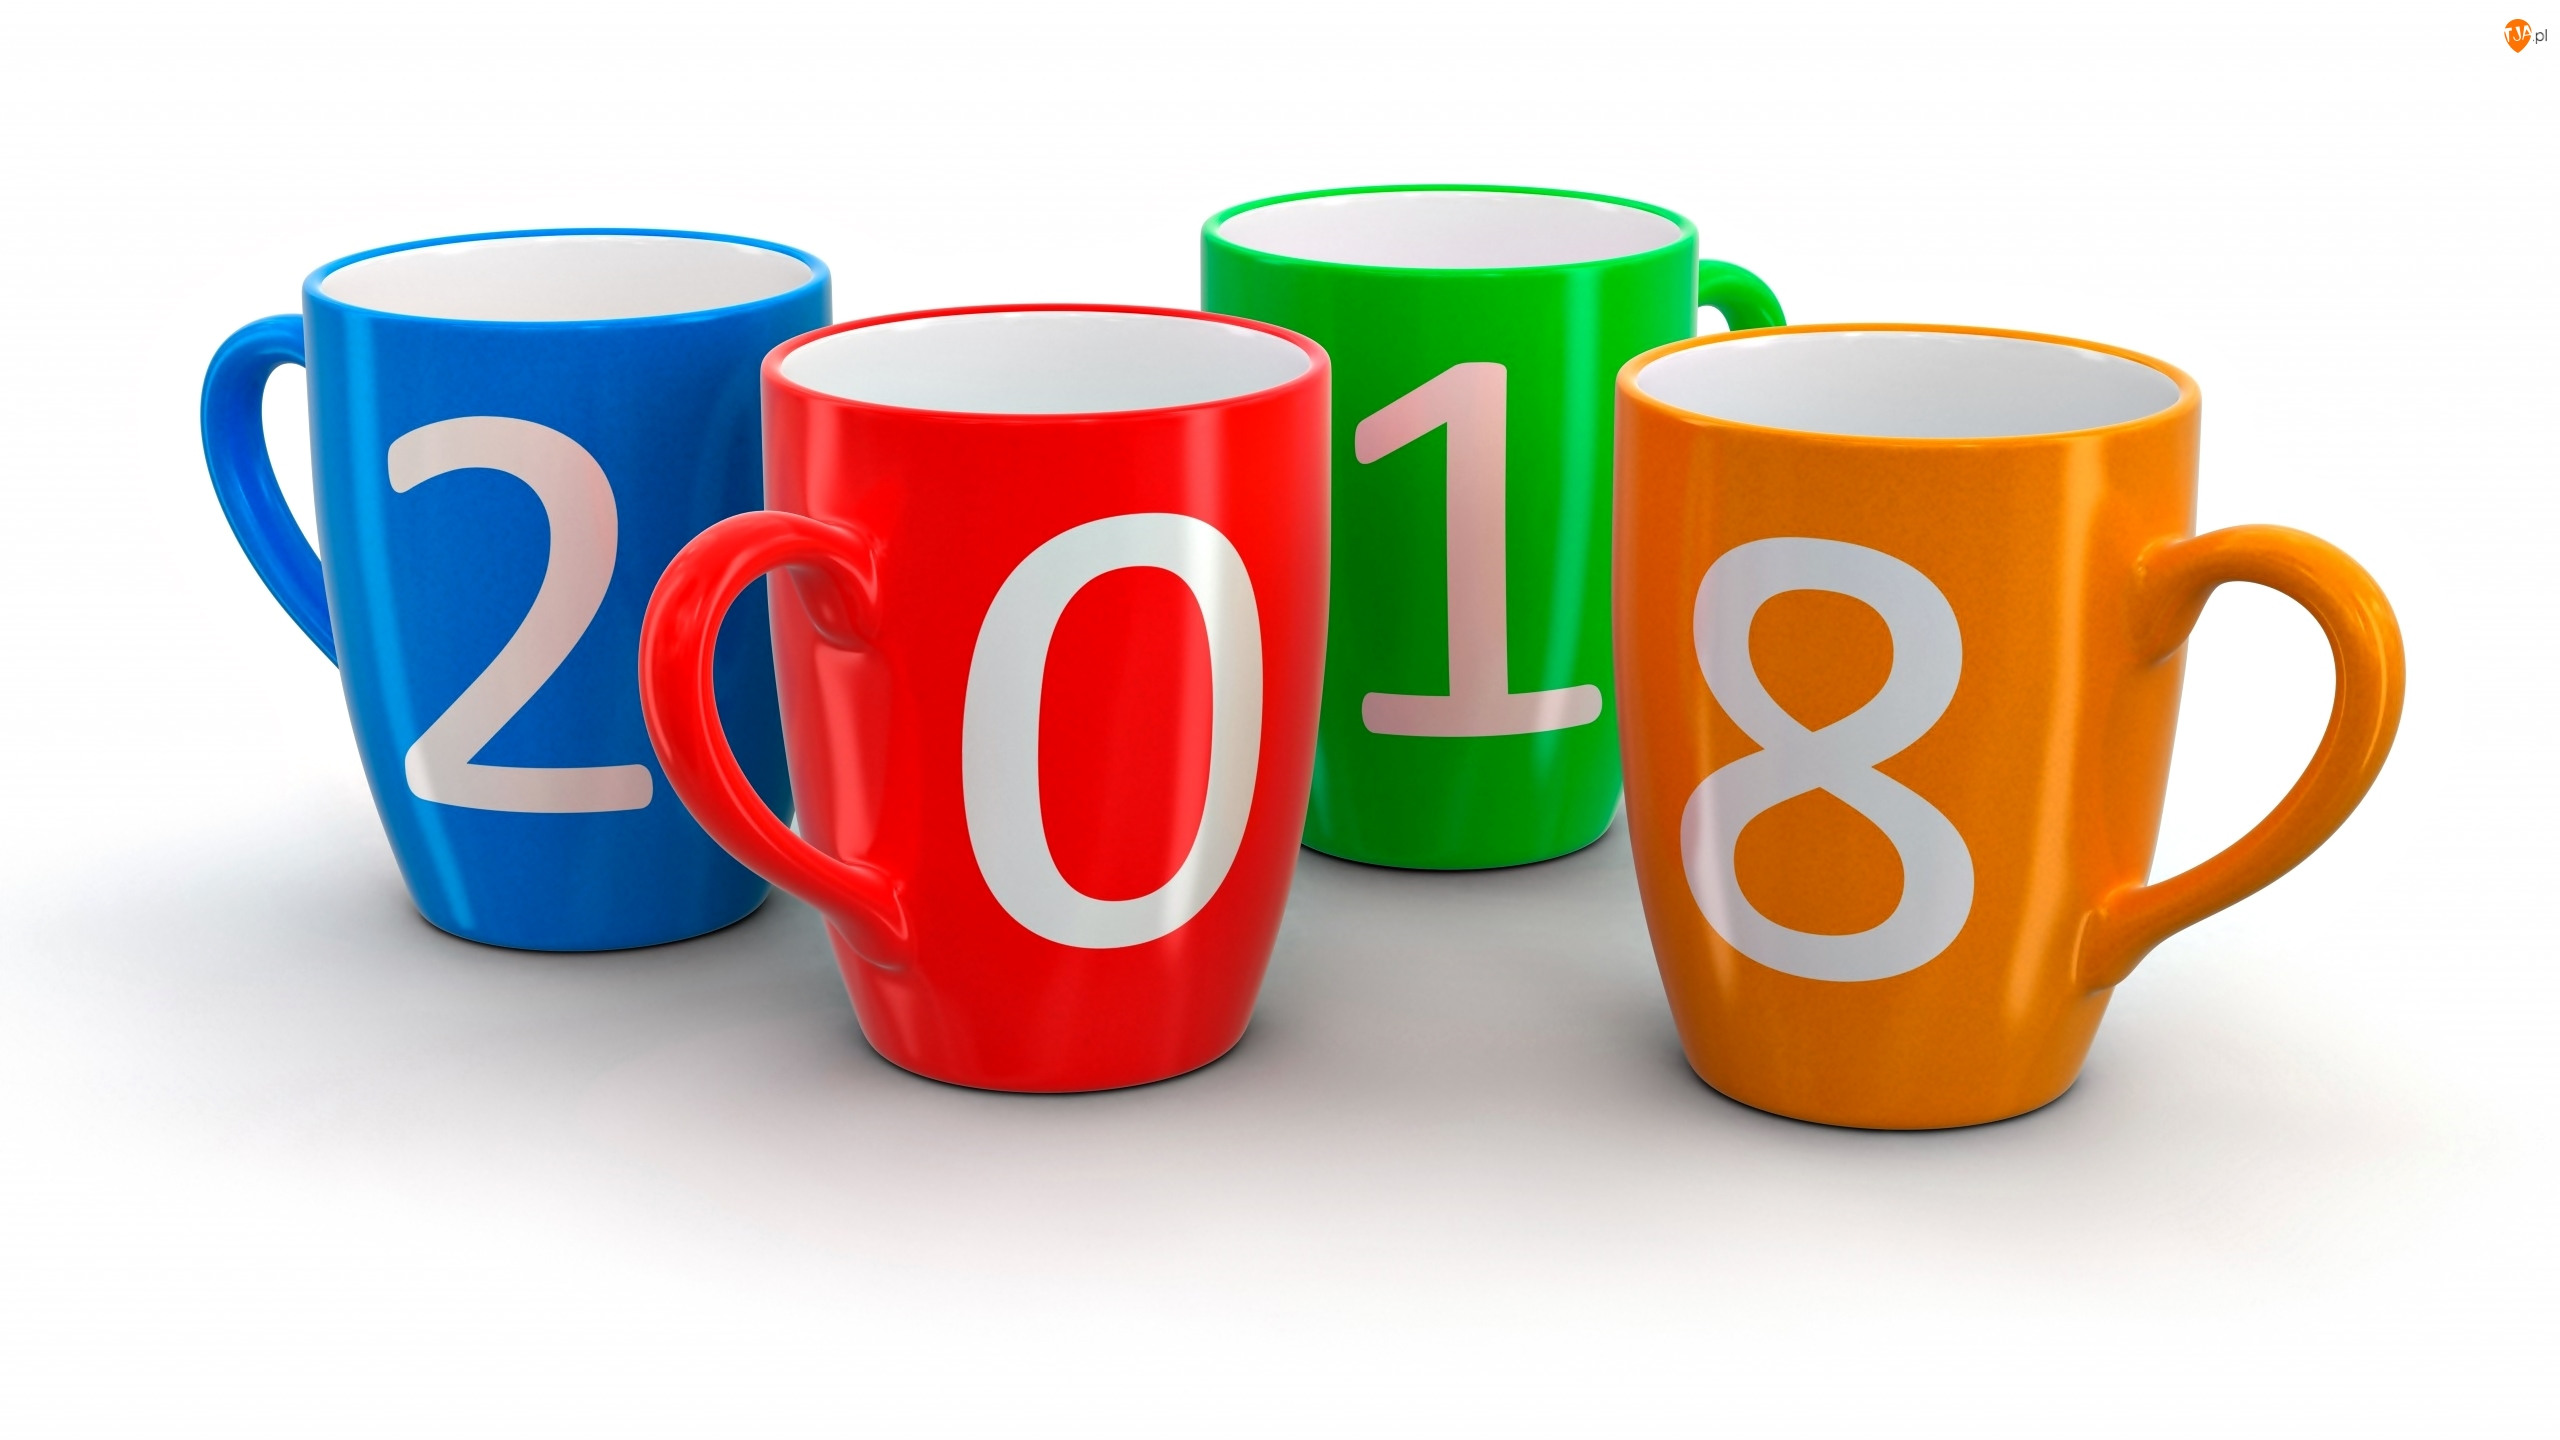 Nowy rok, Białe tło, Kolorowe, Kubki, 2018